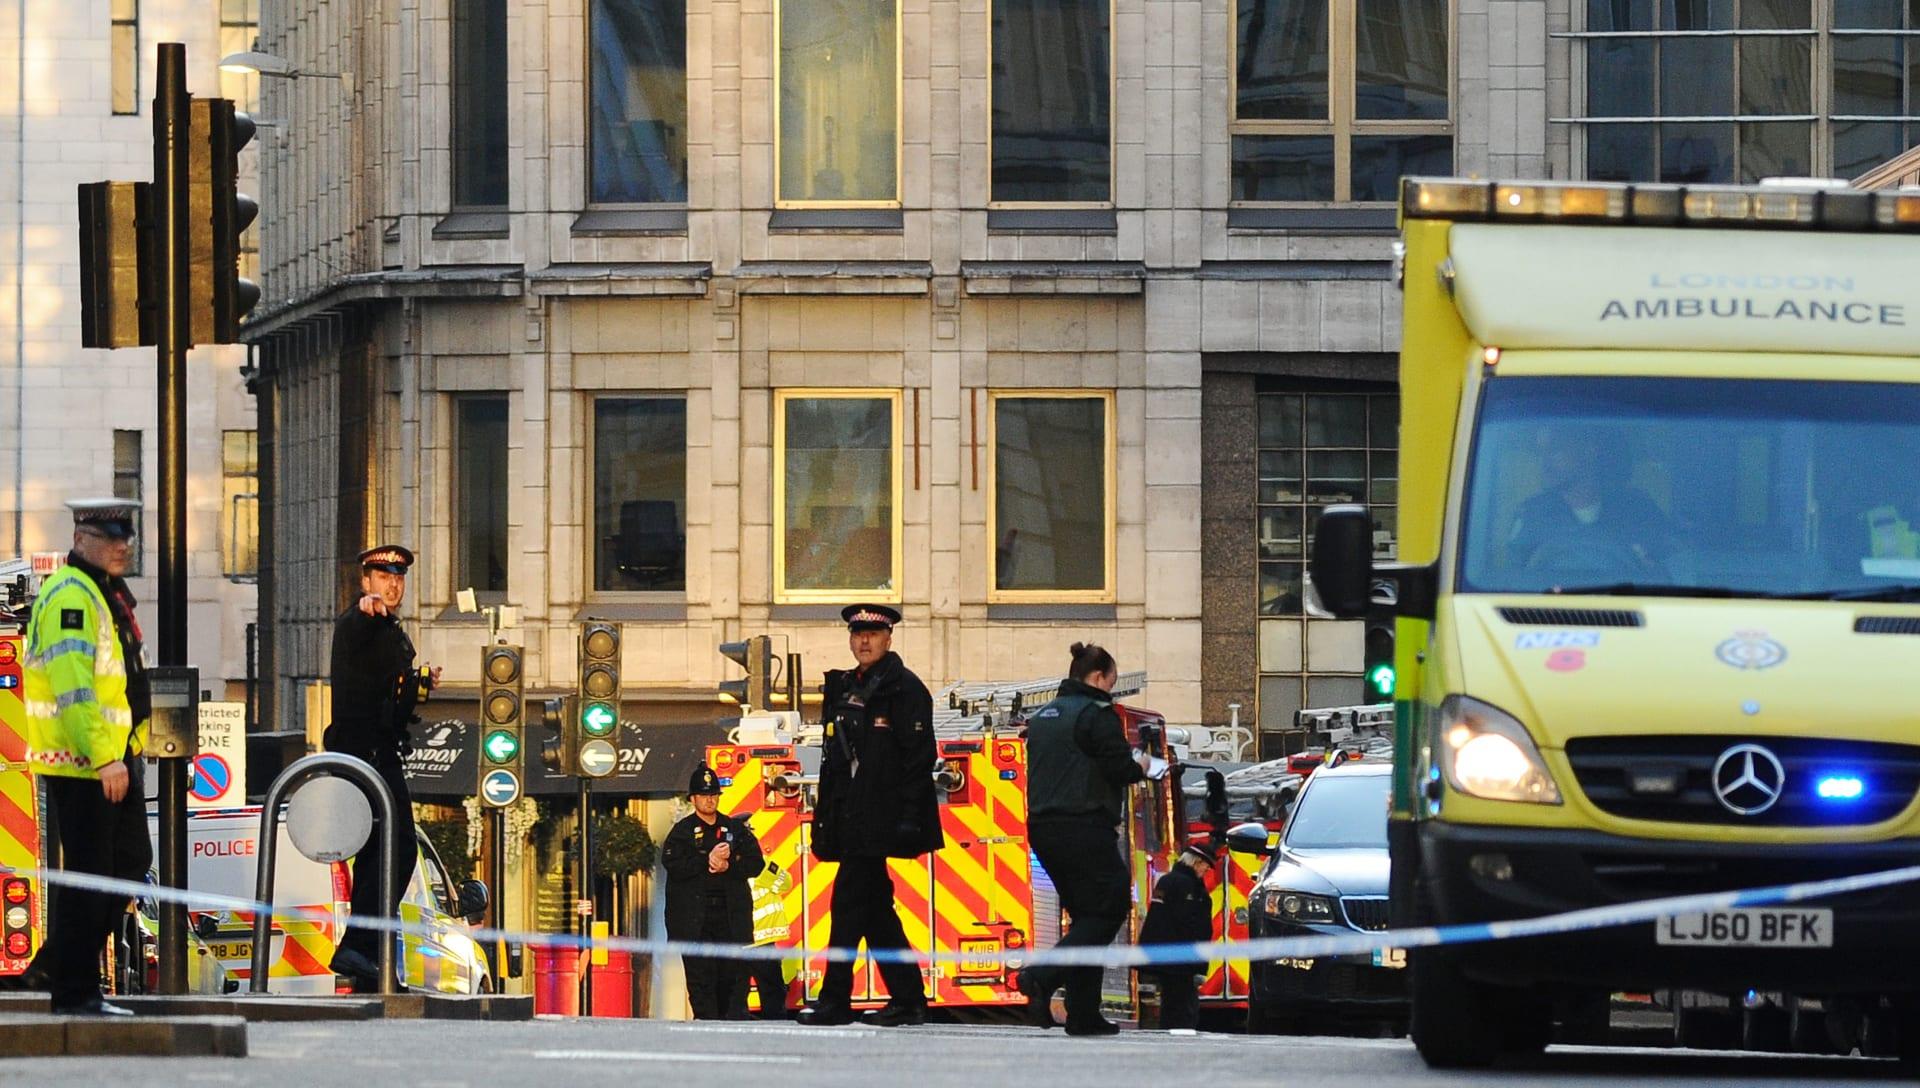 إصابة عدد من الأشخاص ومقتل المشتبه به في حادث الطعن في لندن